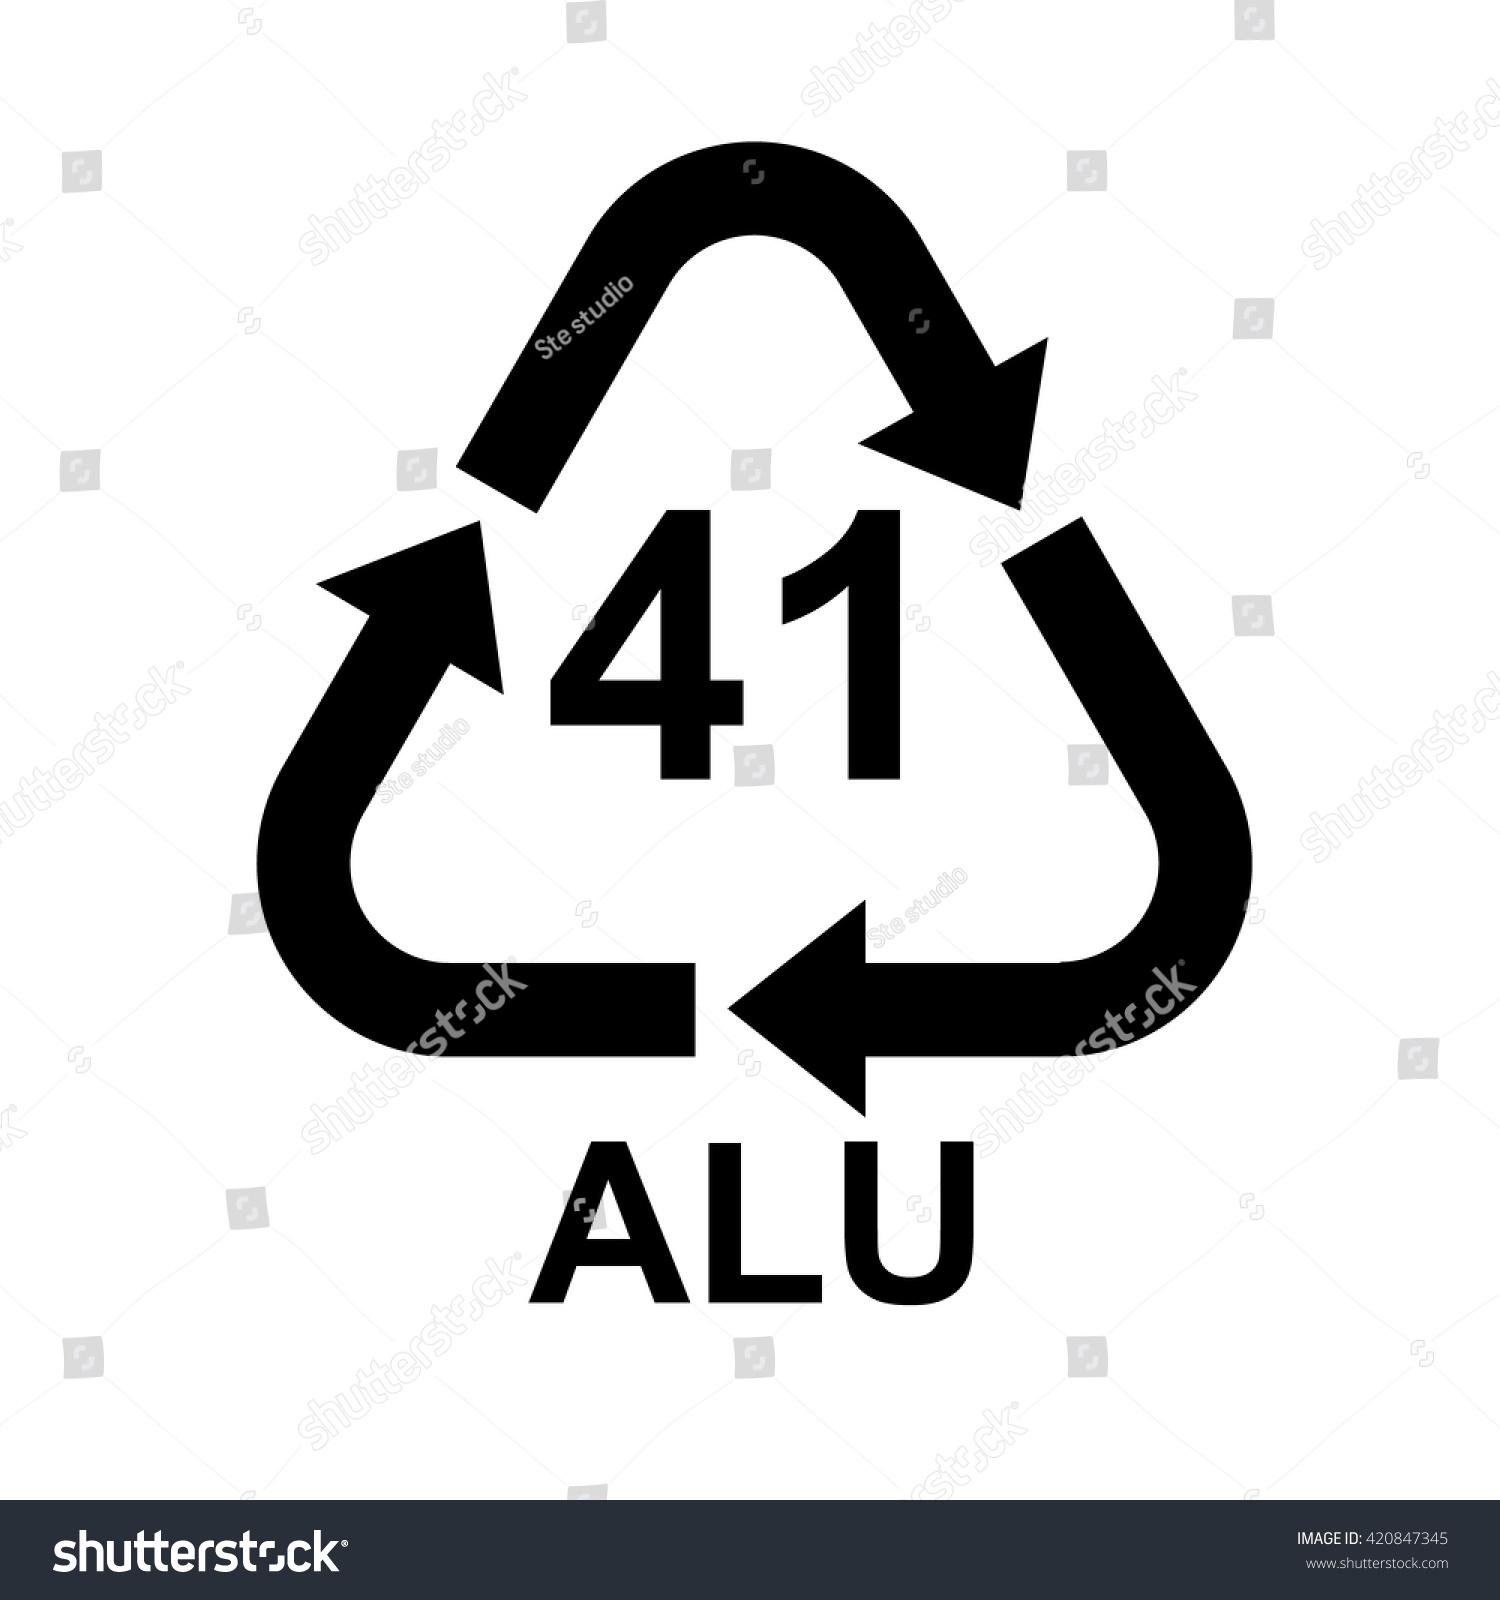 Aluminium recycling symbol alu 41 vector stock vector 420847345 aluminium recycling symbol alu 41 vector illustration biocorpaavc